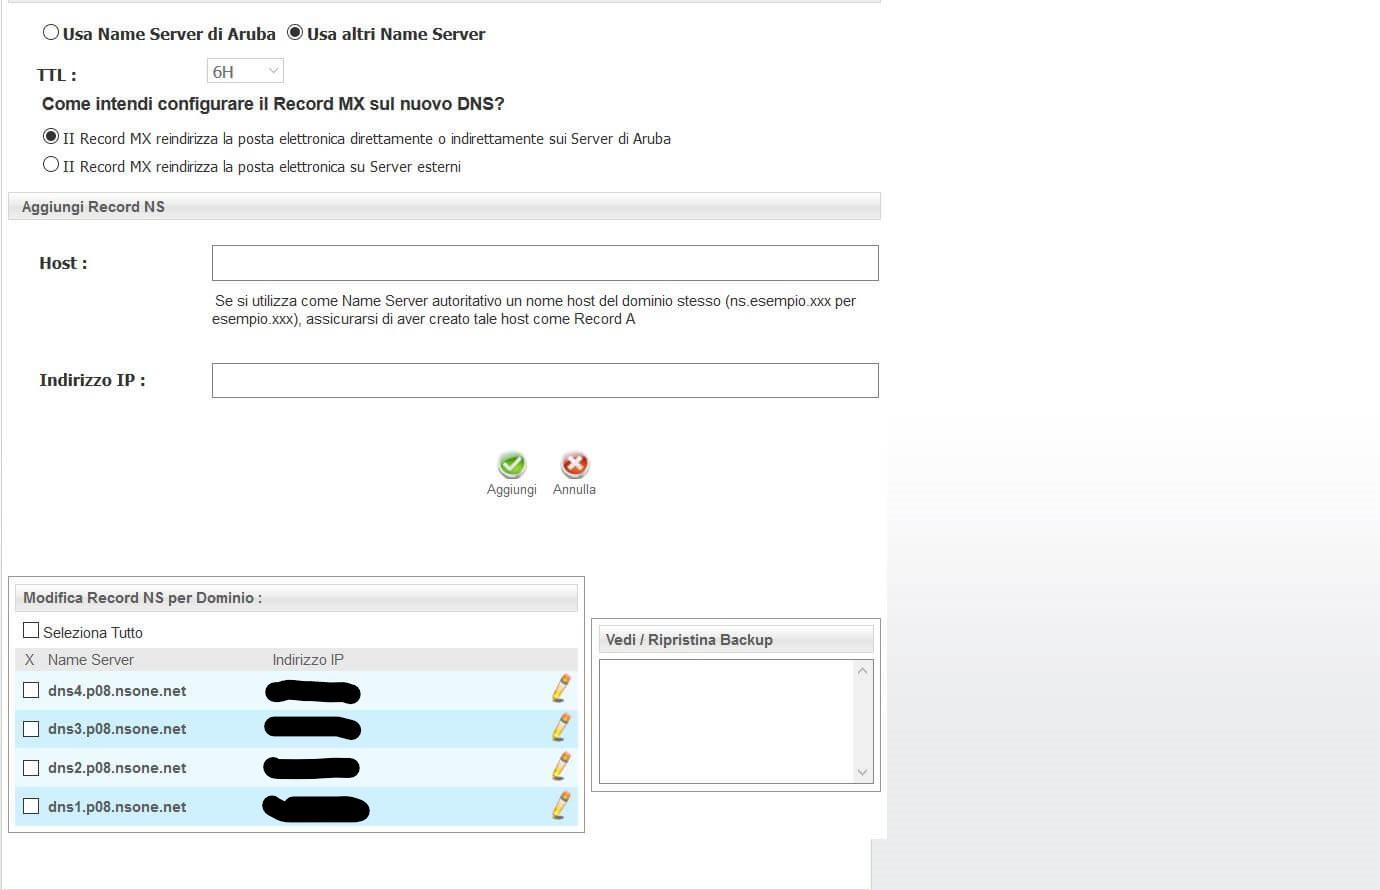 Inserimento Name Server Esterni su Aruba